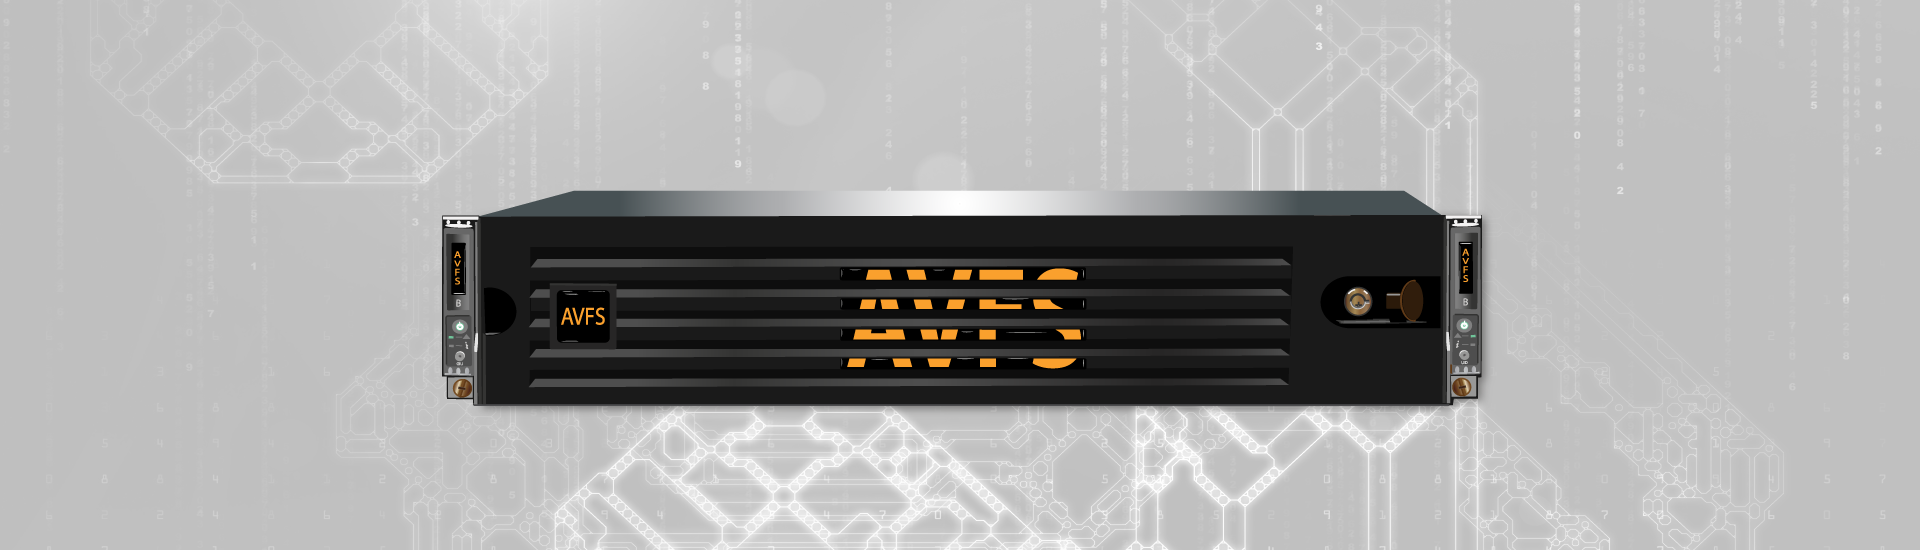 AVFS storage